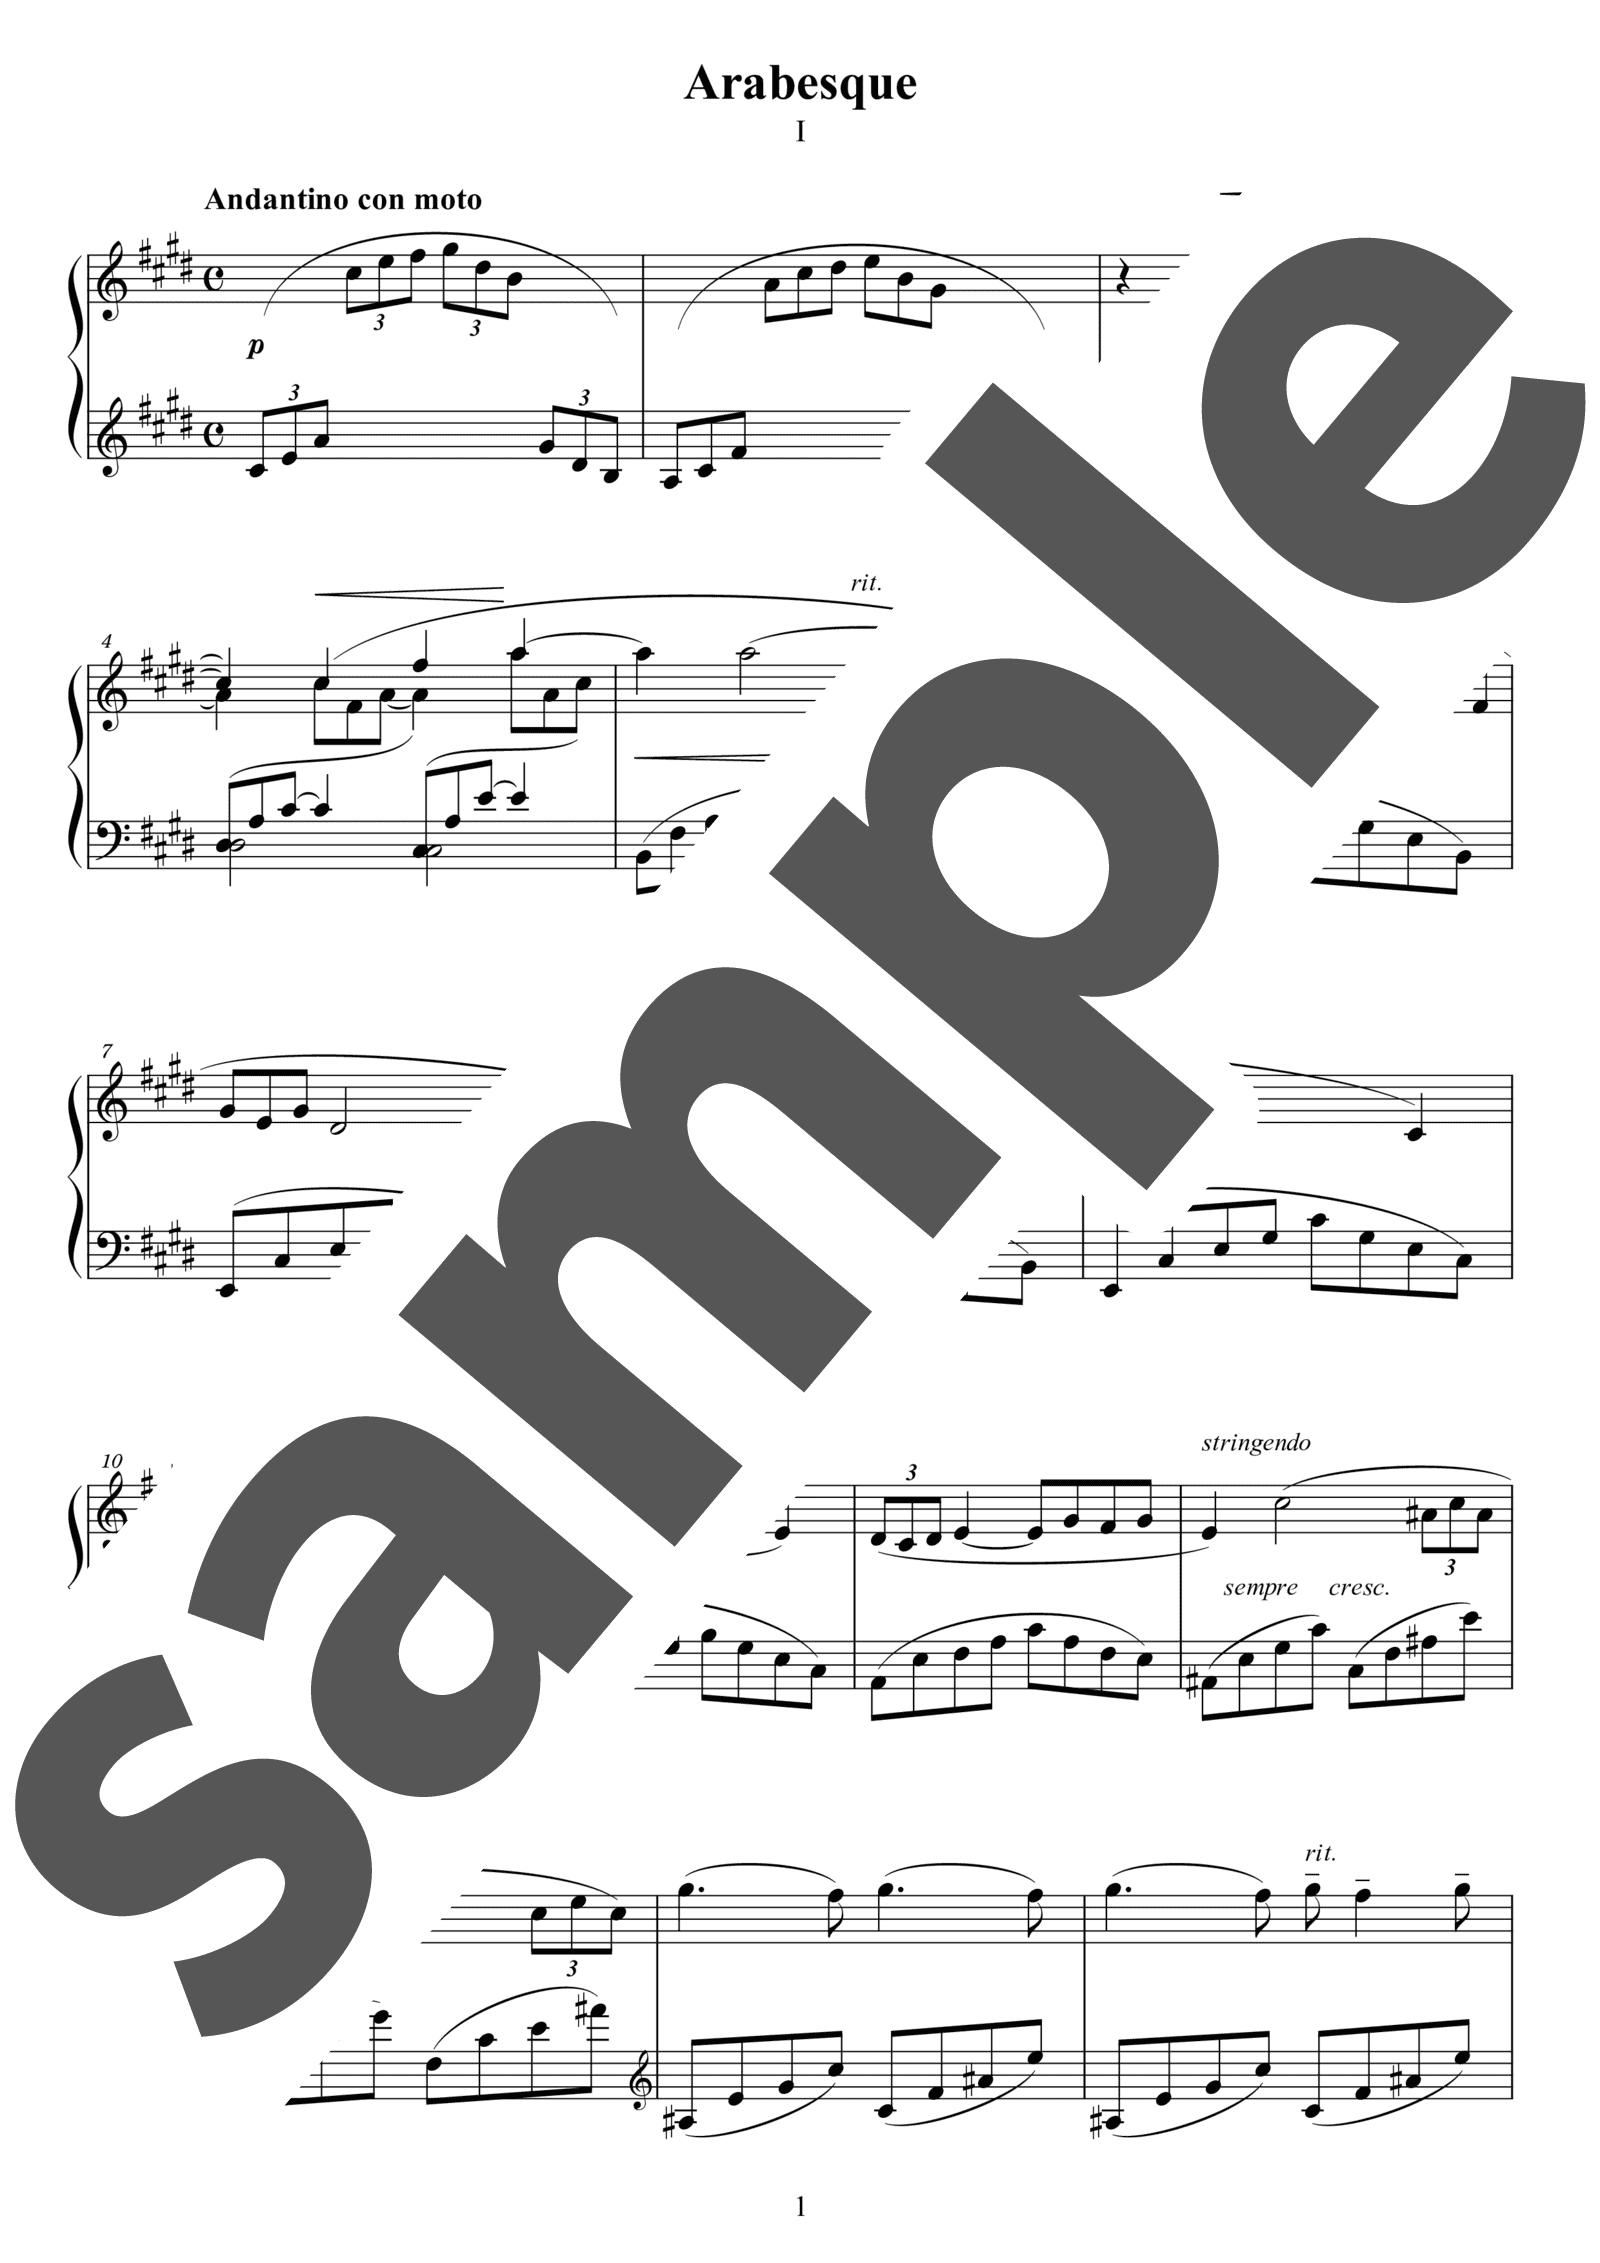 「2つのアラベスク第1番」のサンプル楽譜